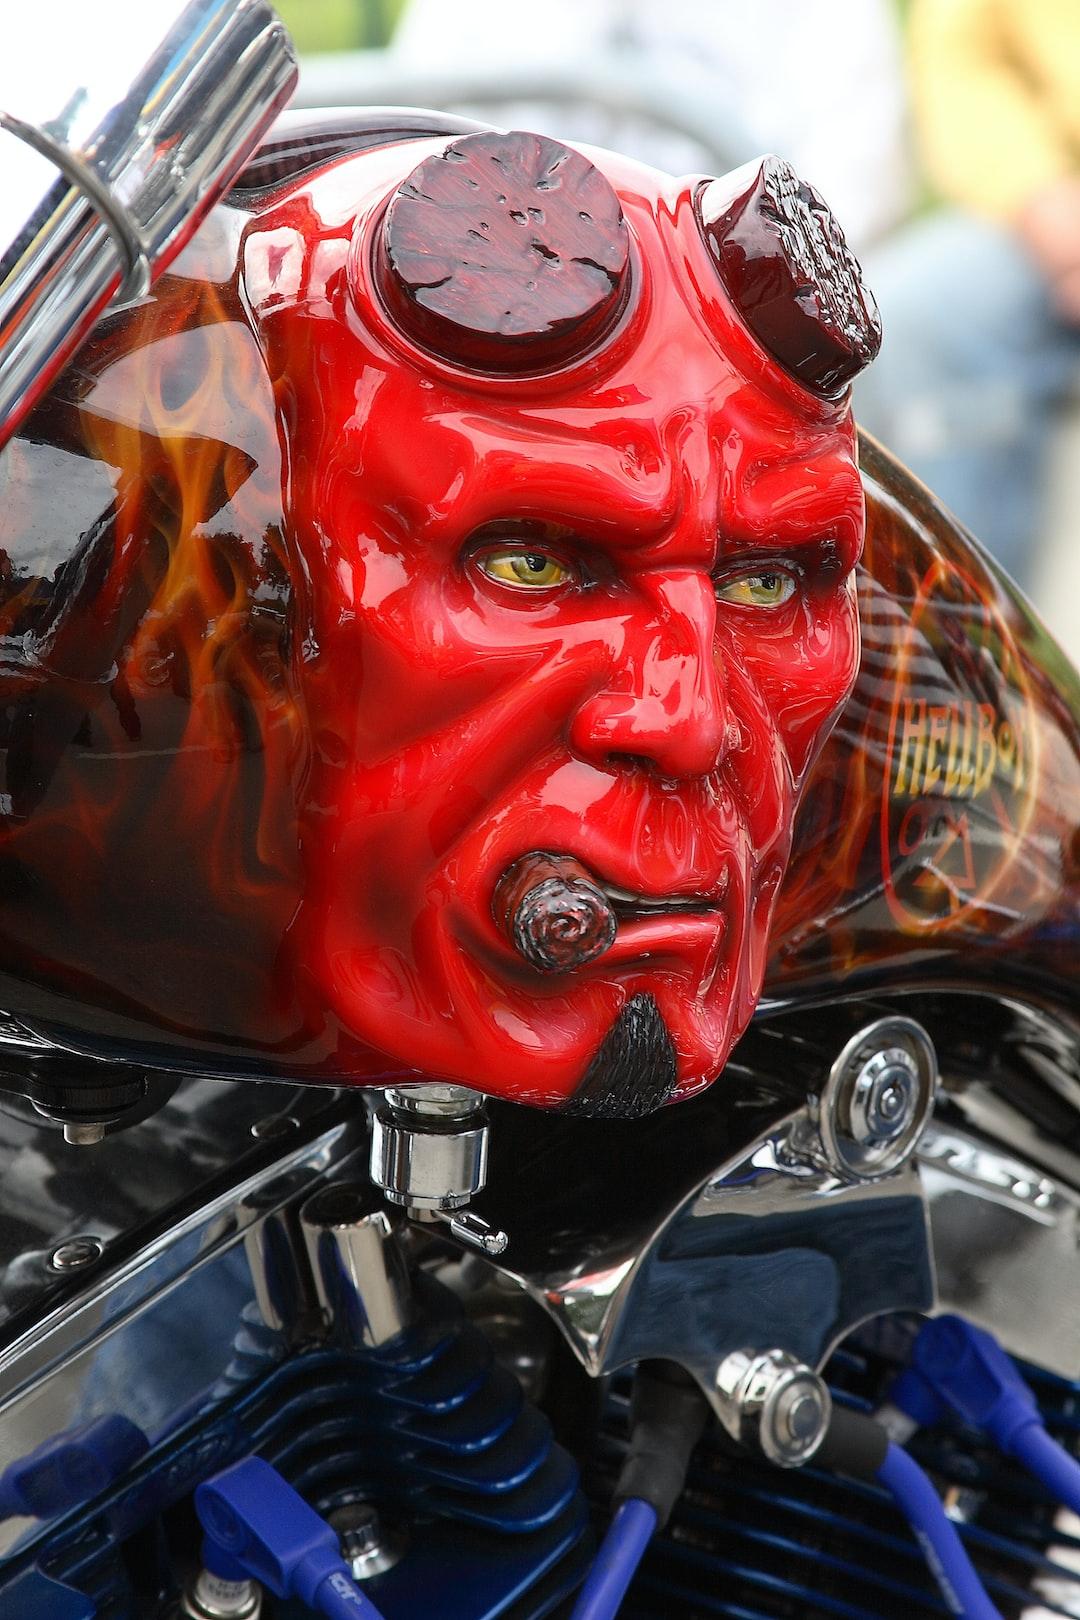 Hellboy Bike, Yorkshire Rock & Bike Show.  Tank Left side